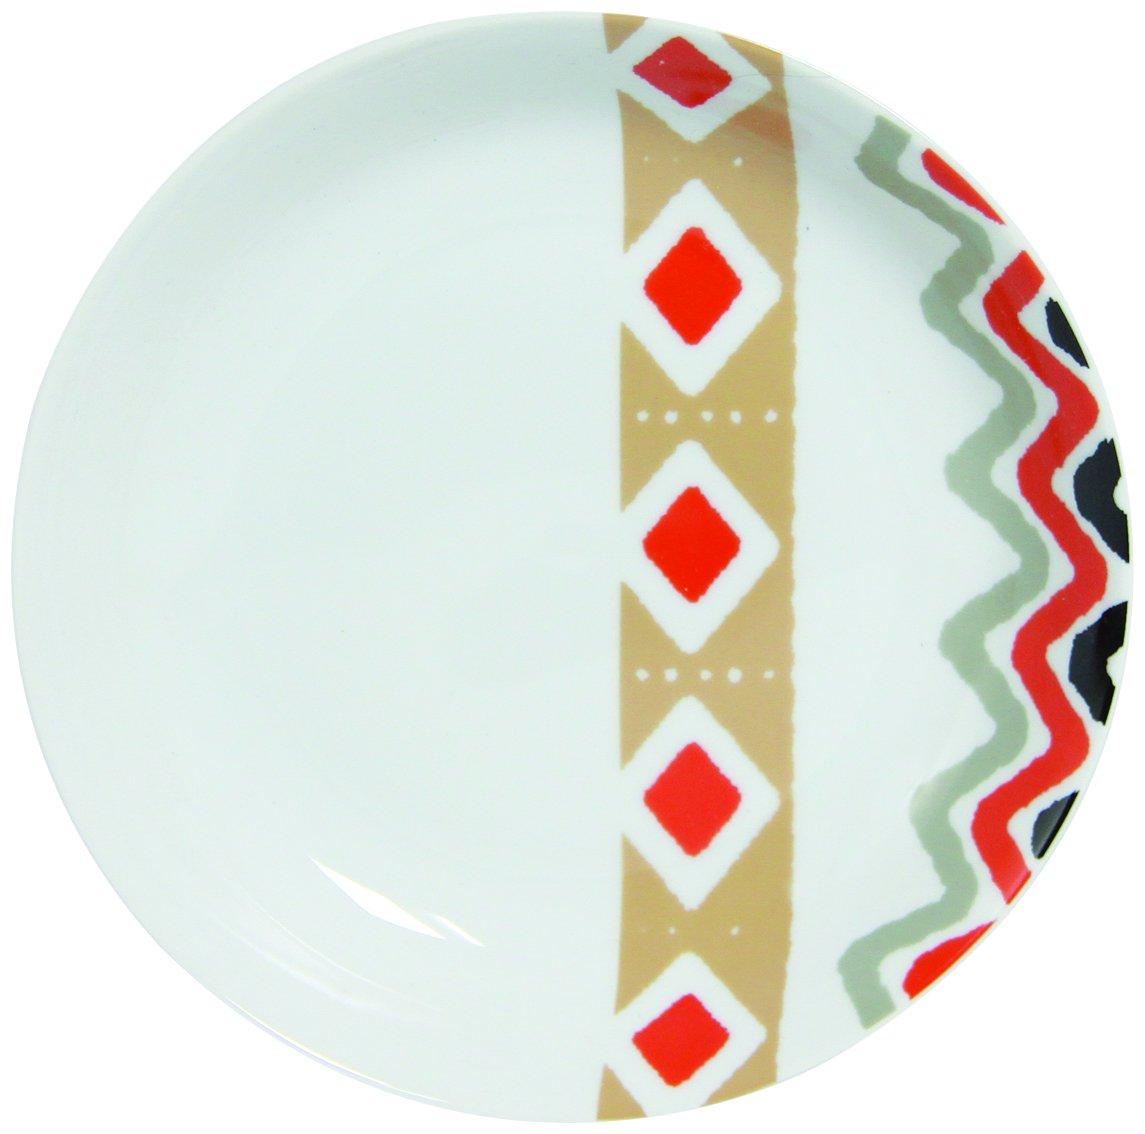 8010340 Novastyl Motivo Di Design Con 6 Pezzi Di Piatti In Porcellana 22 X 4 Cm